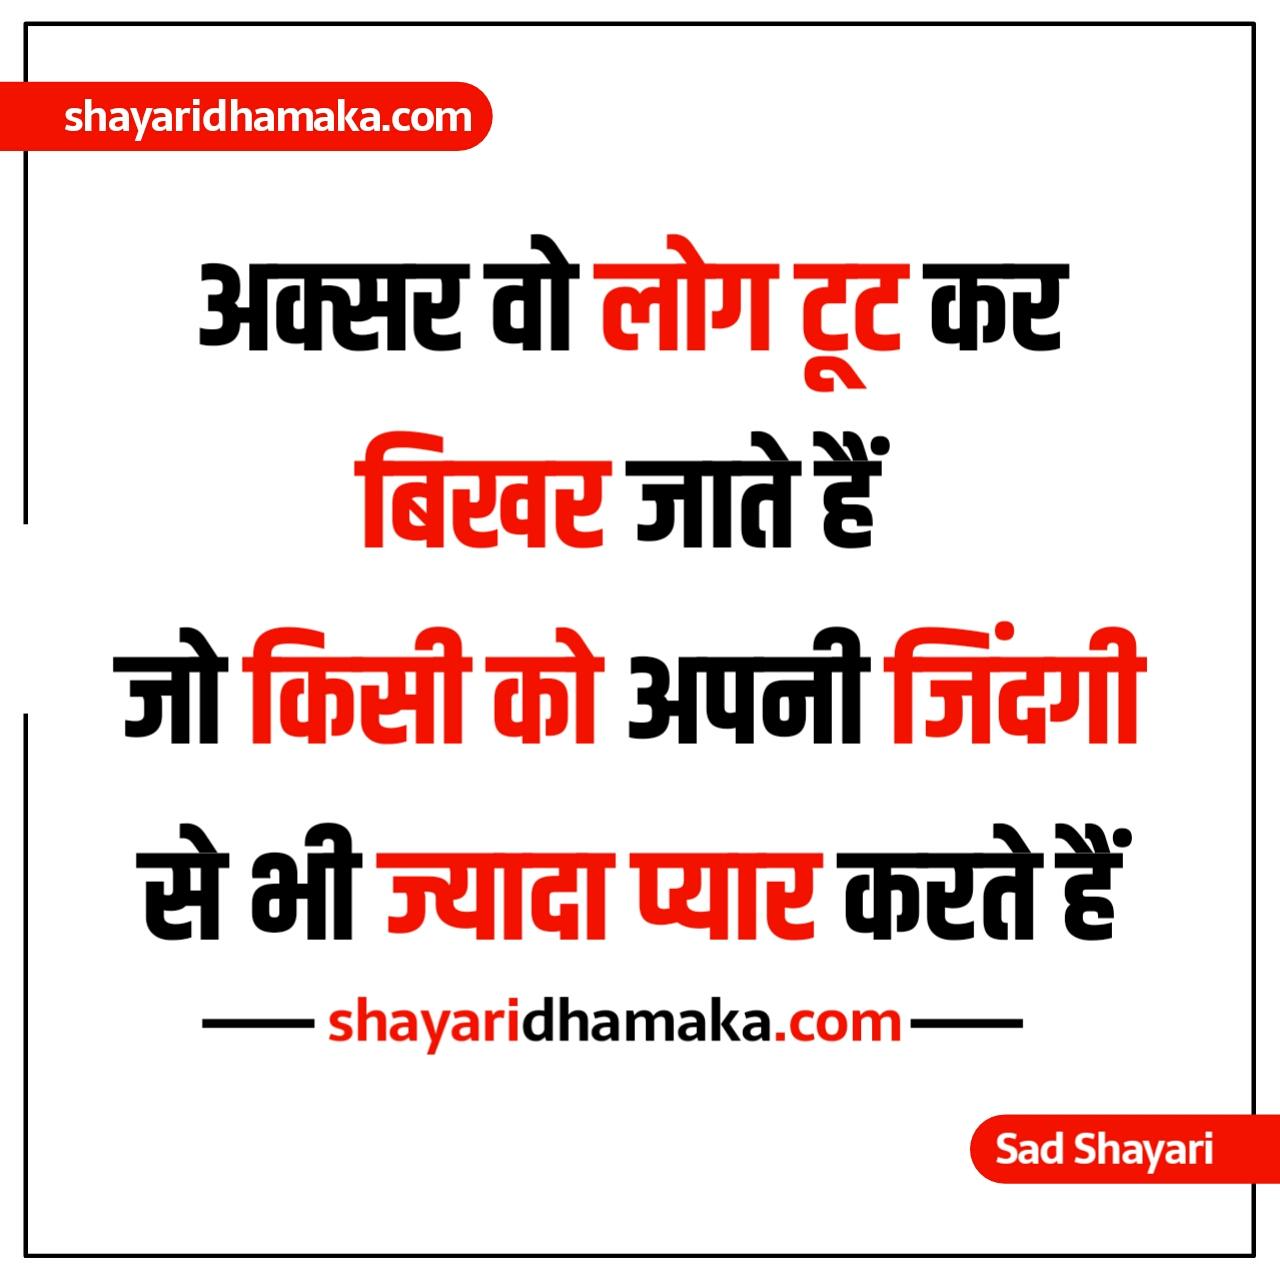 अक्सर वो लोग टूट कर बिखर - Sad Shayari.